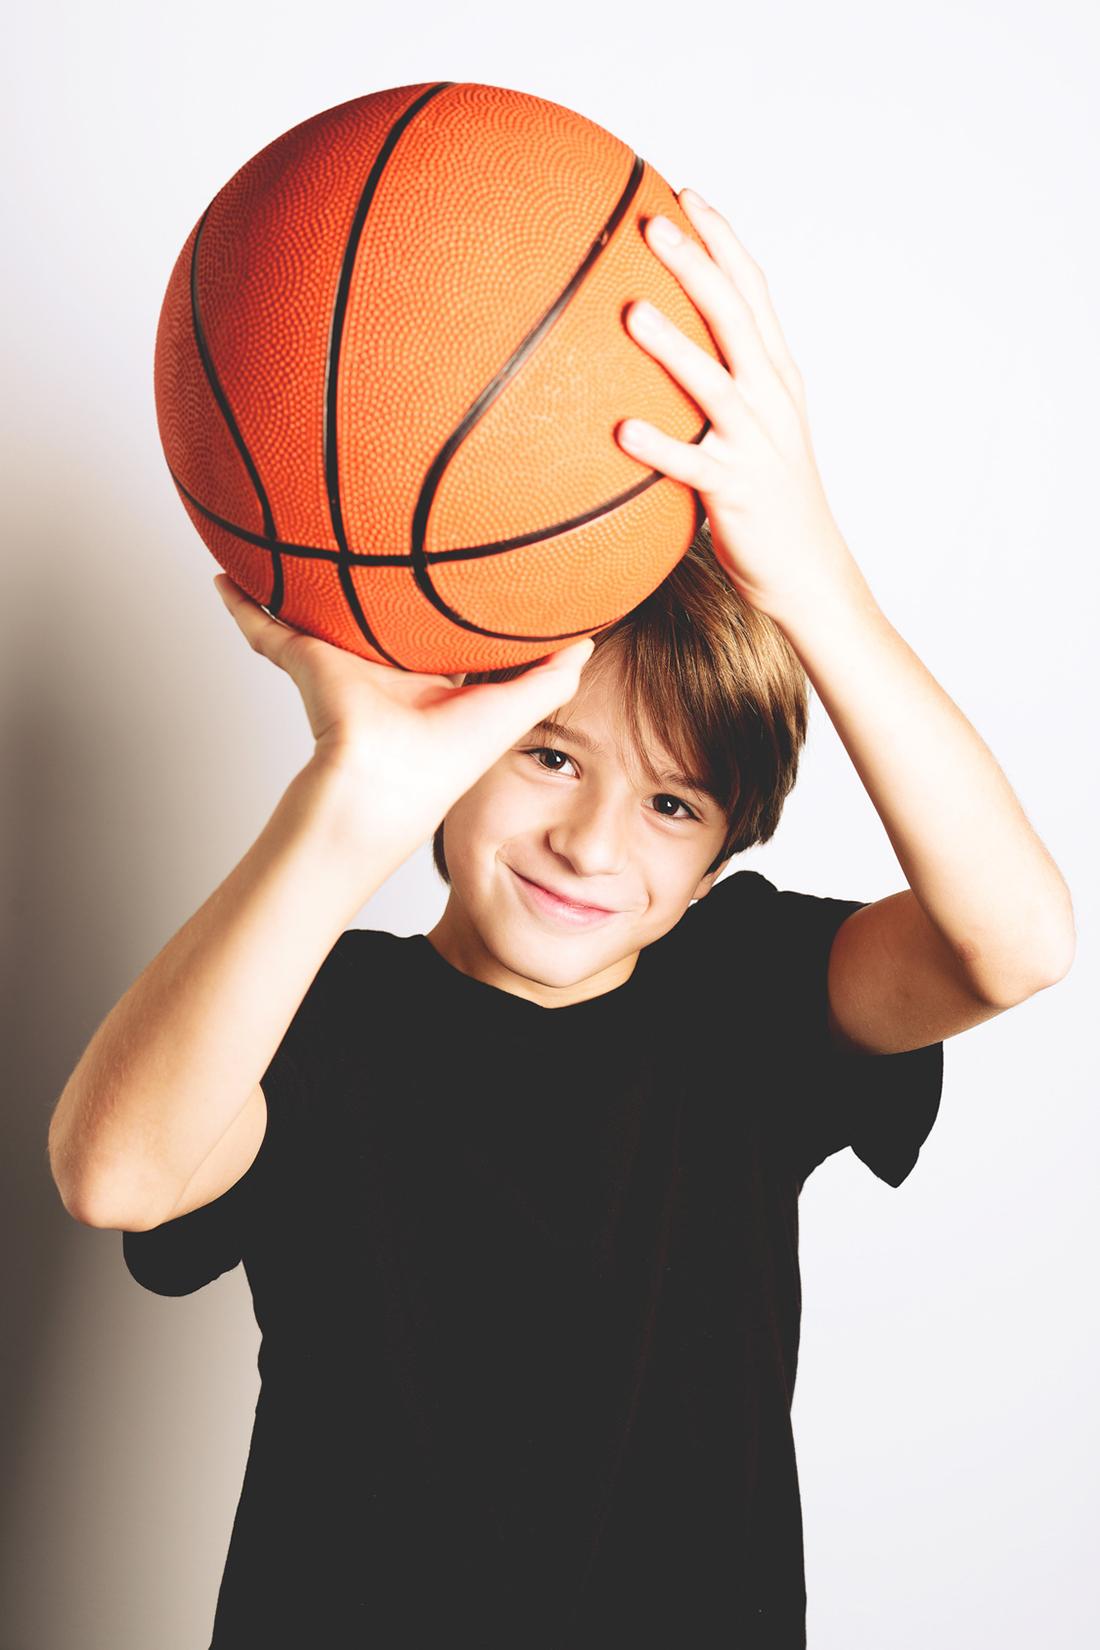 5 ejercicios básicos  para introducir a los niños al basquet. por Viva Basquet